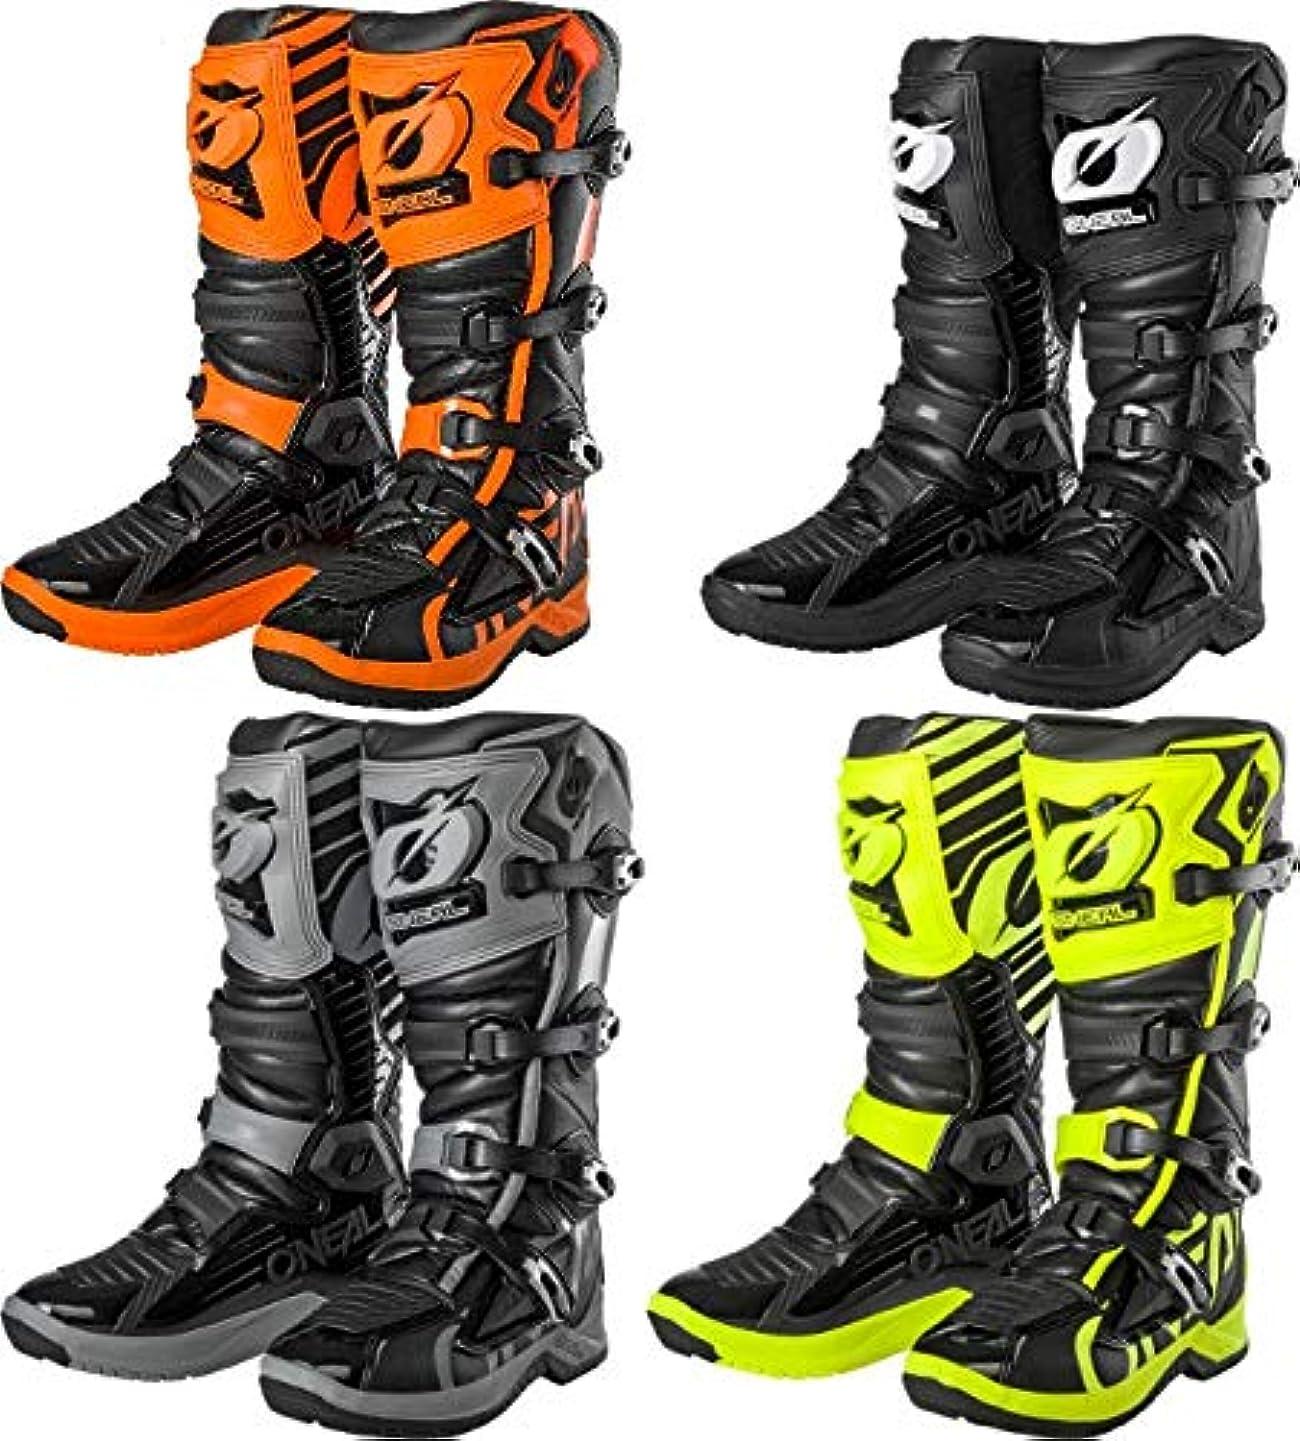 ネーピアフリルコンテストOneal RMX Motocross Boots 2019モデル モトクロス オフロード(EU47(約30.5cm) 黒)